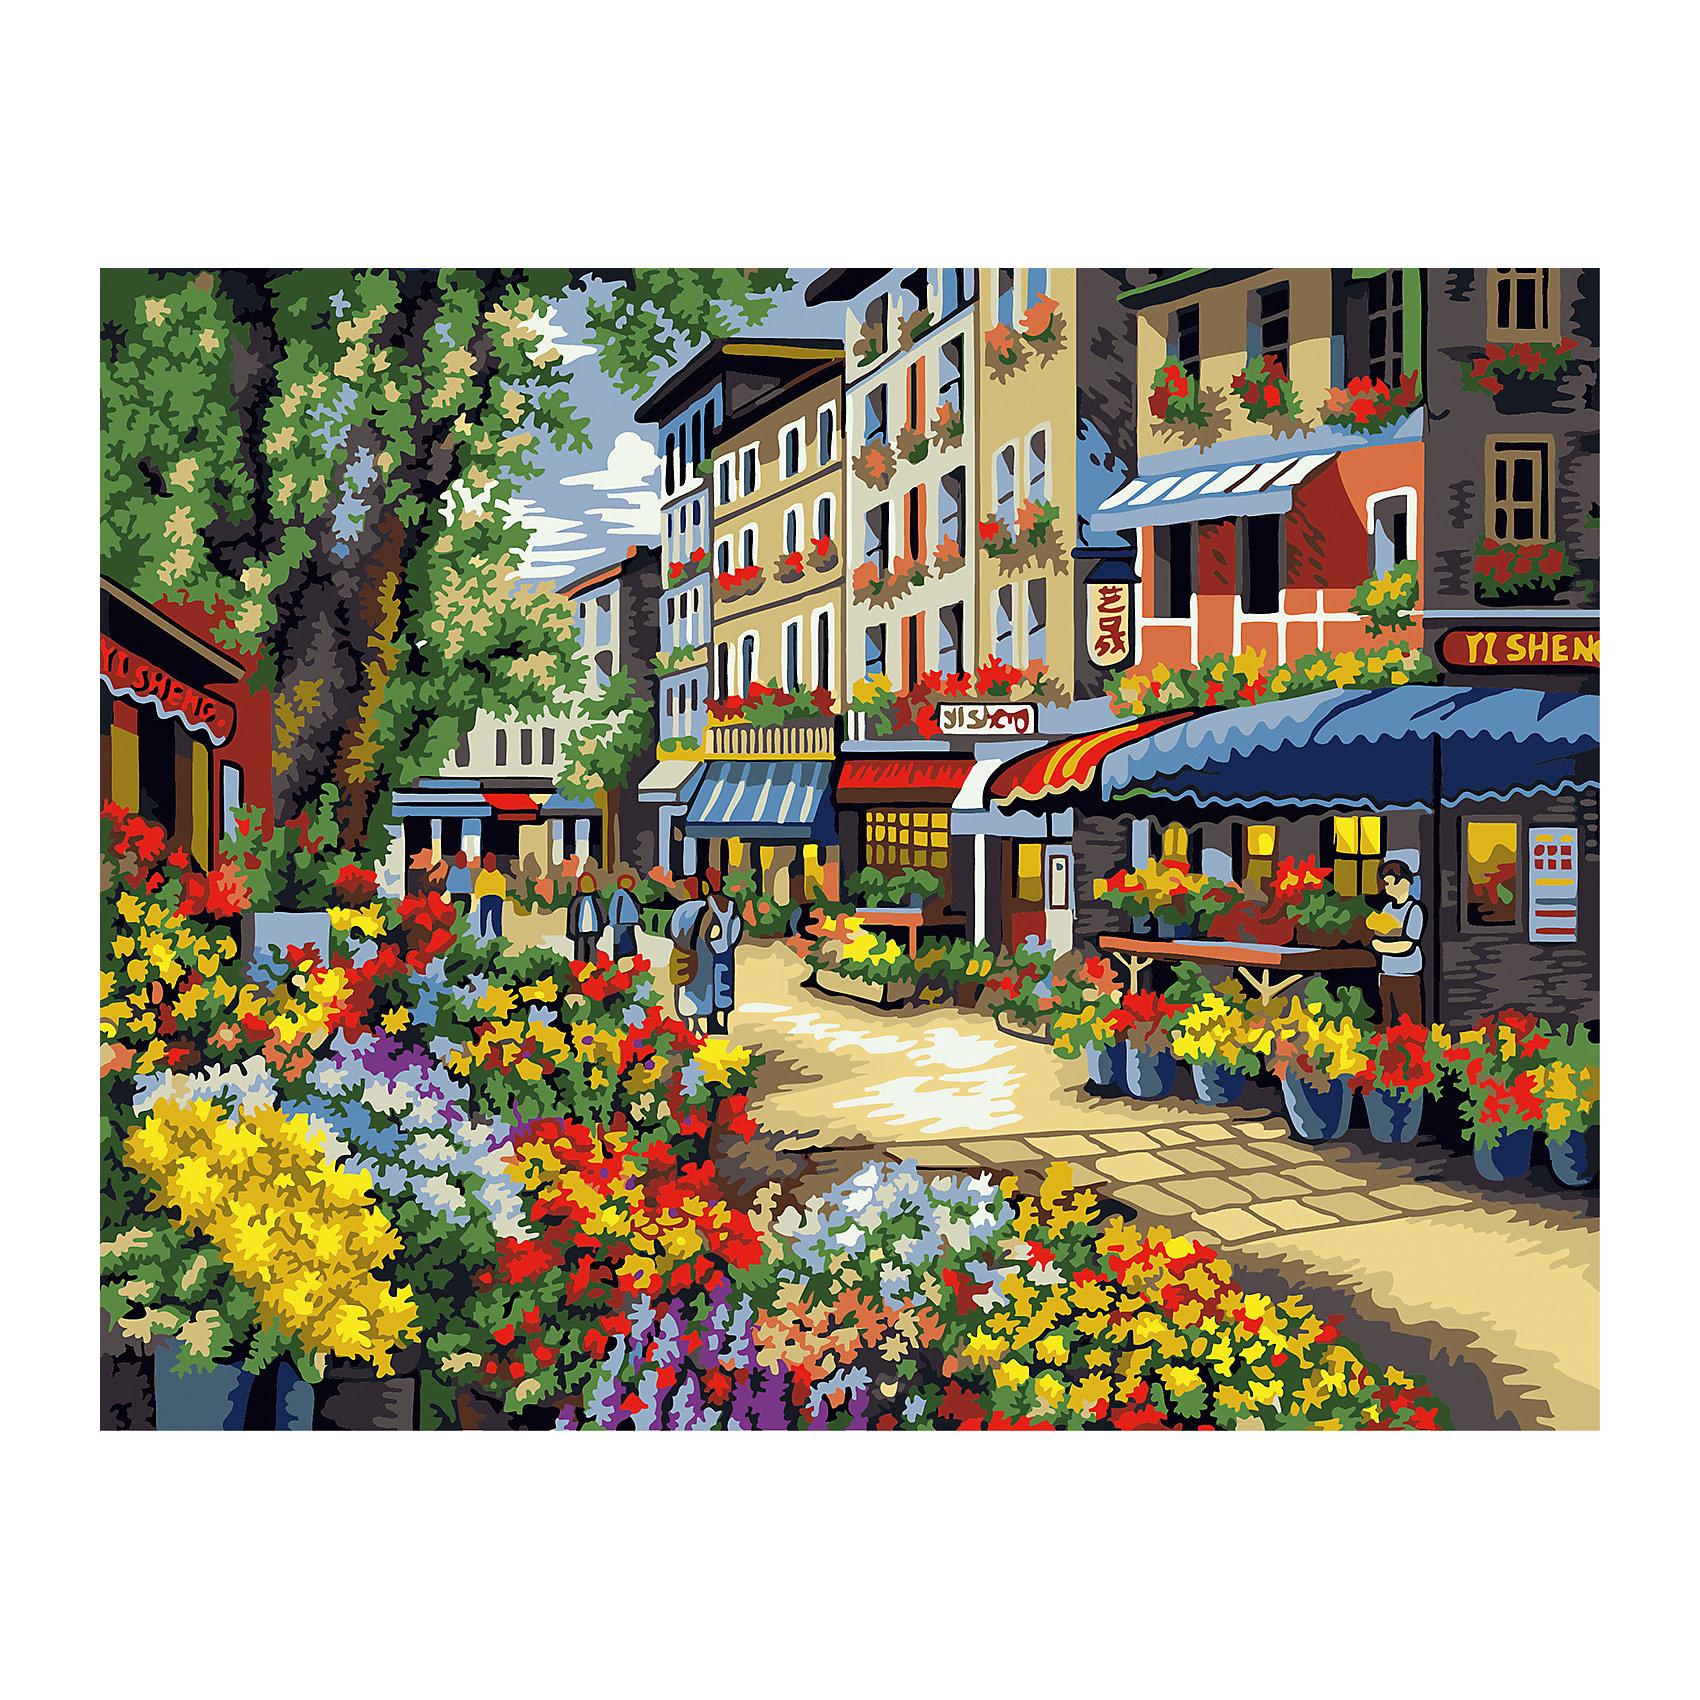 TUKZAR Роспись по номерам Цветочная улица 40*50 см купить 3комнатную квартиру в волгограде улица гагринская